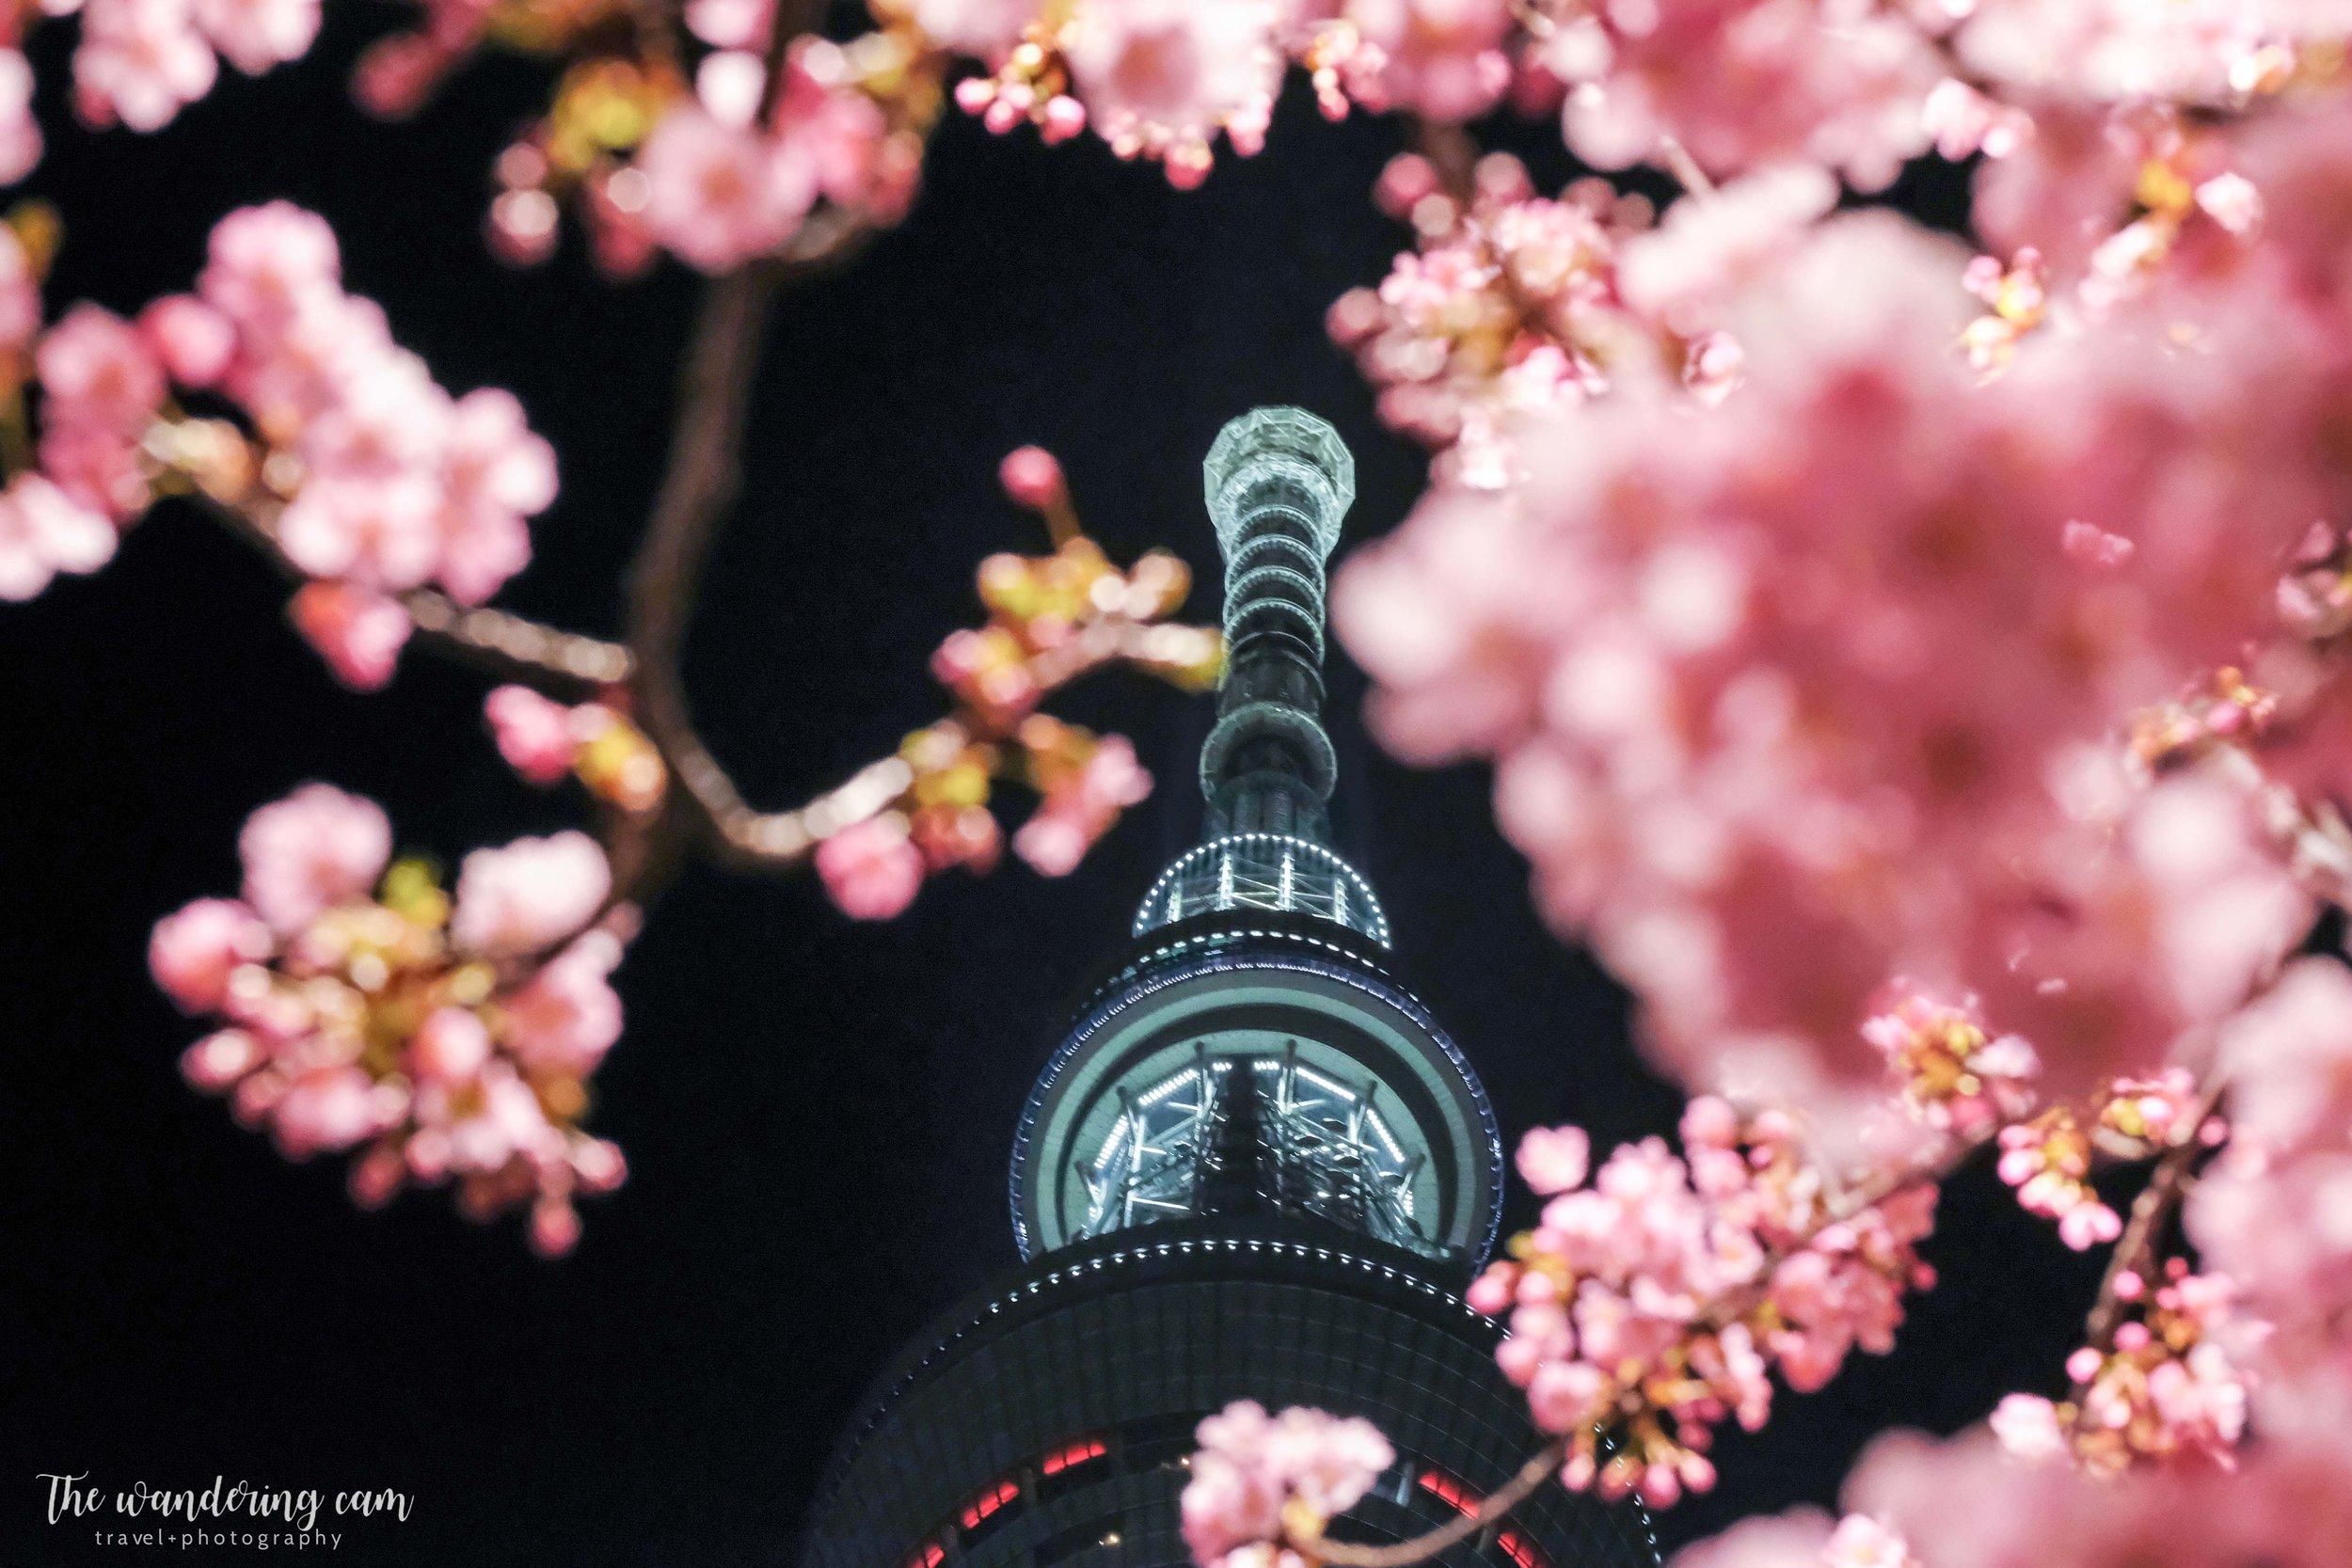 河津桜 Kawazu sakura near Tokyo Skytree (taken 10/3)